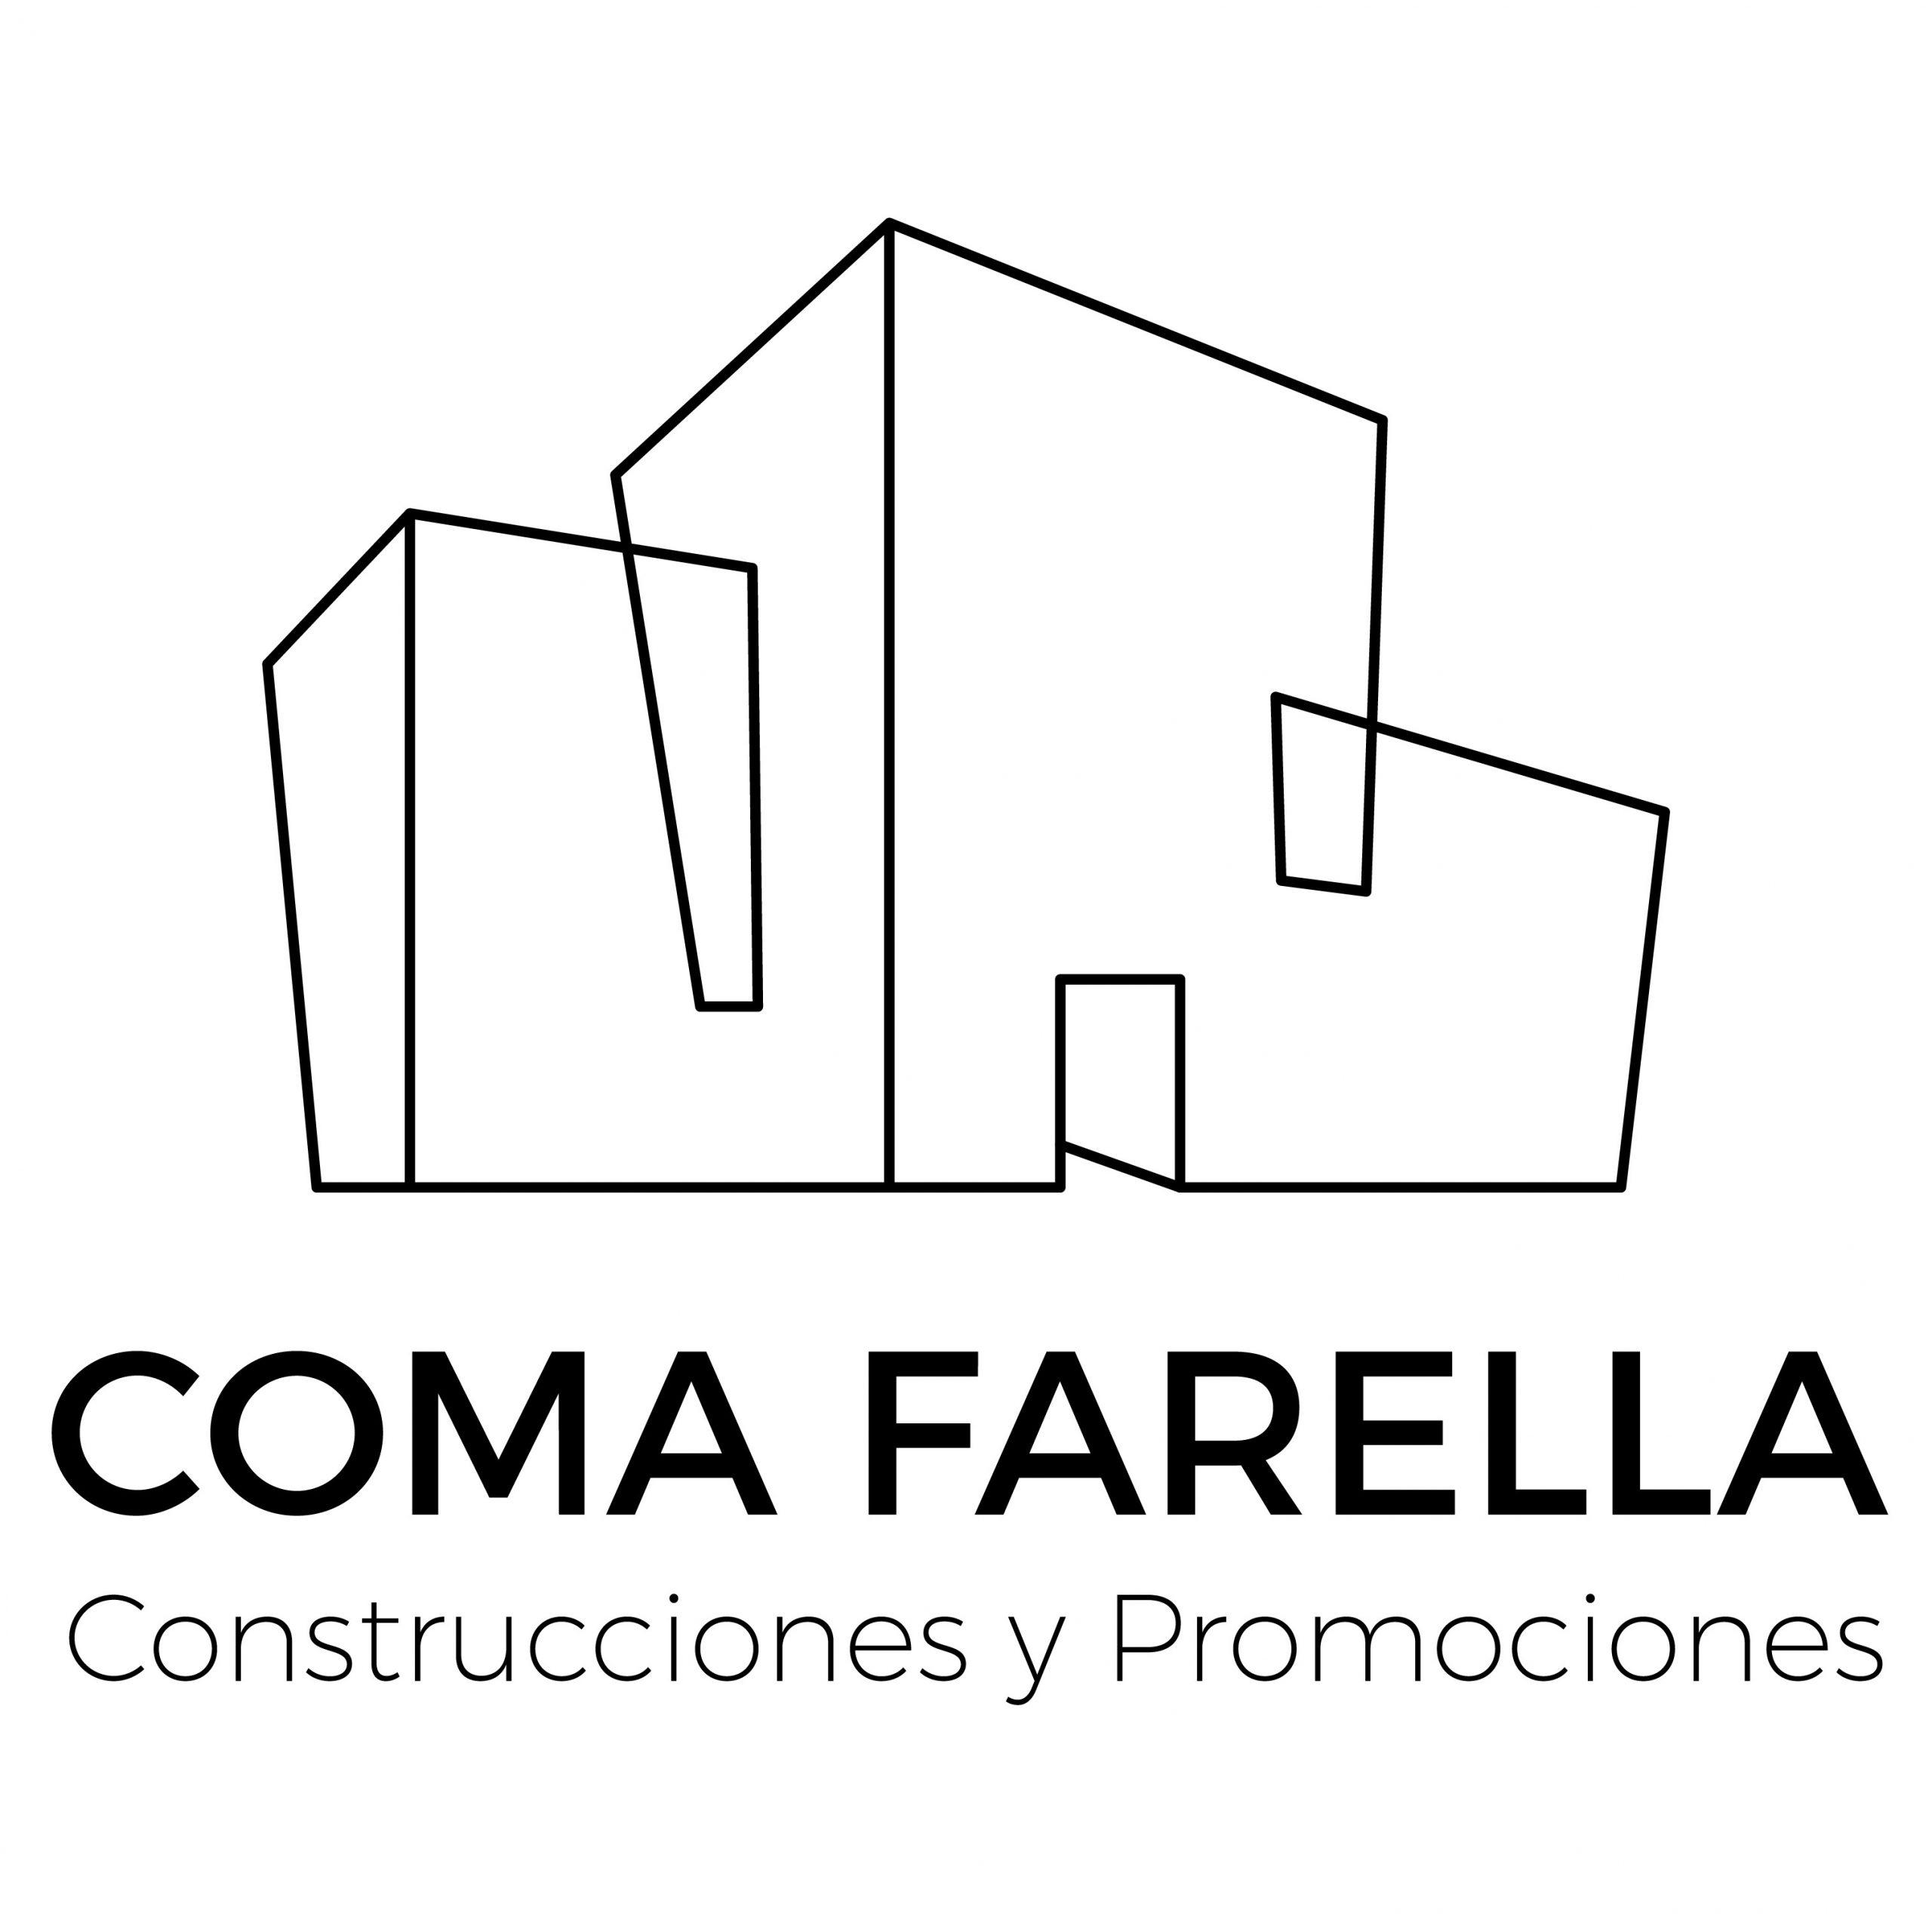 Coma Farella – Construcciones y Promociones